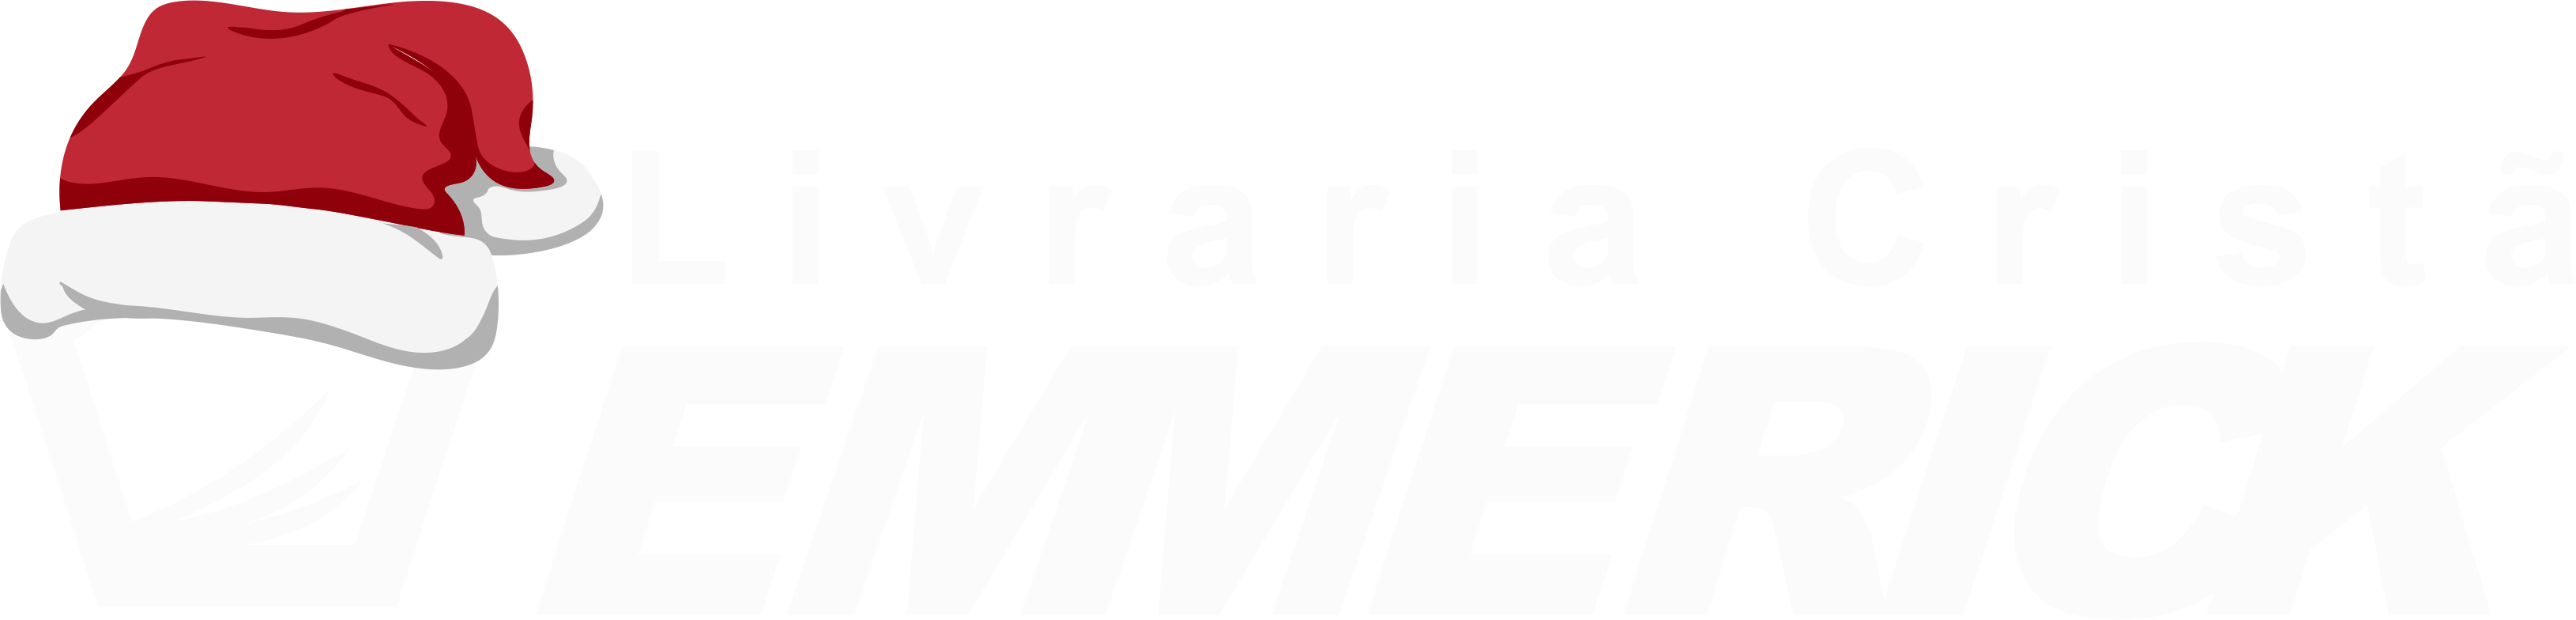 Livraria Cristã Emmerick